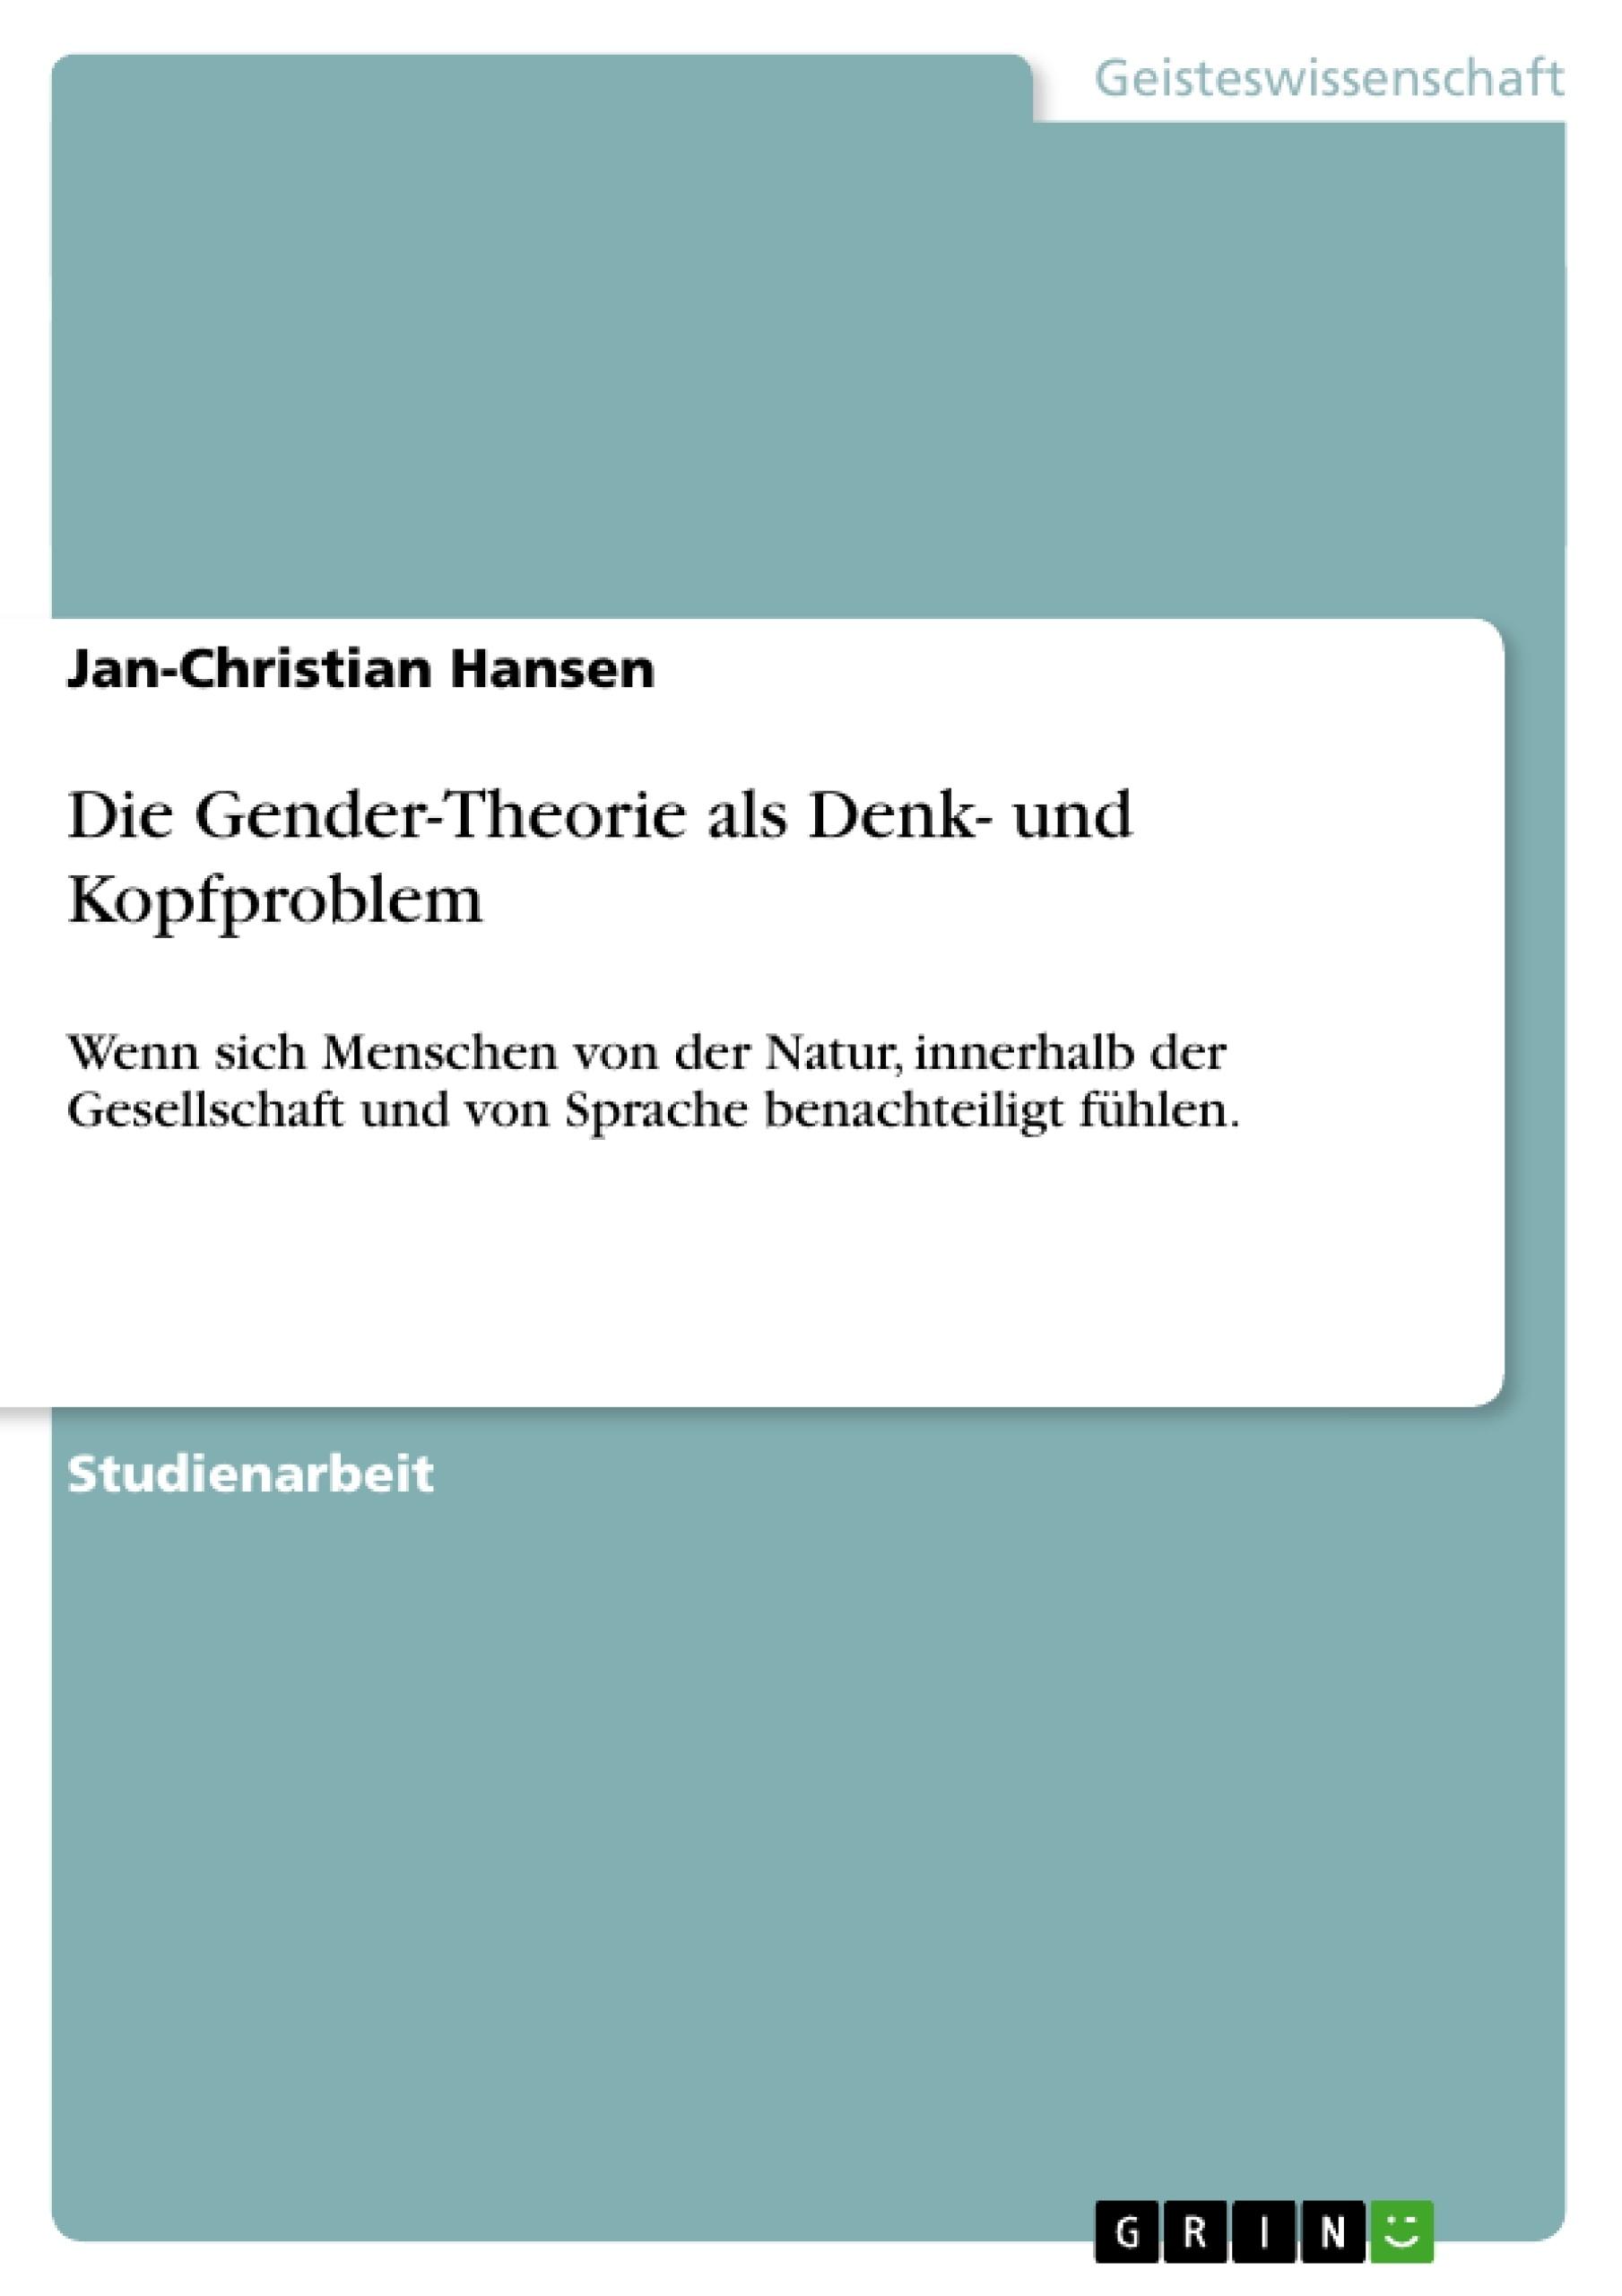 Titel: Die Gender-Theorie als Denk- und Kopfproblem